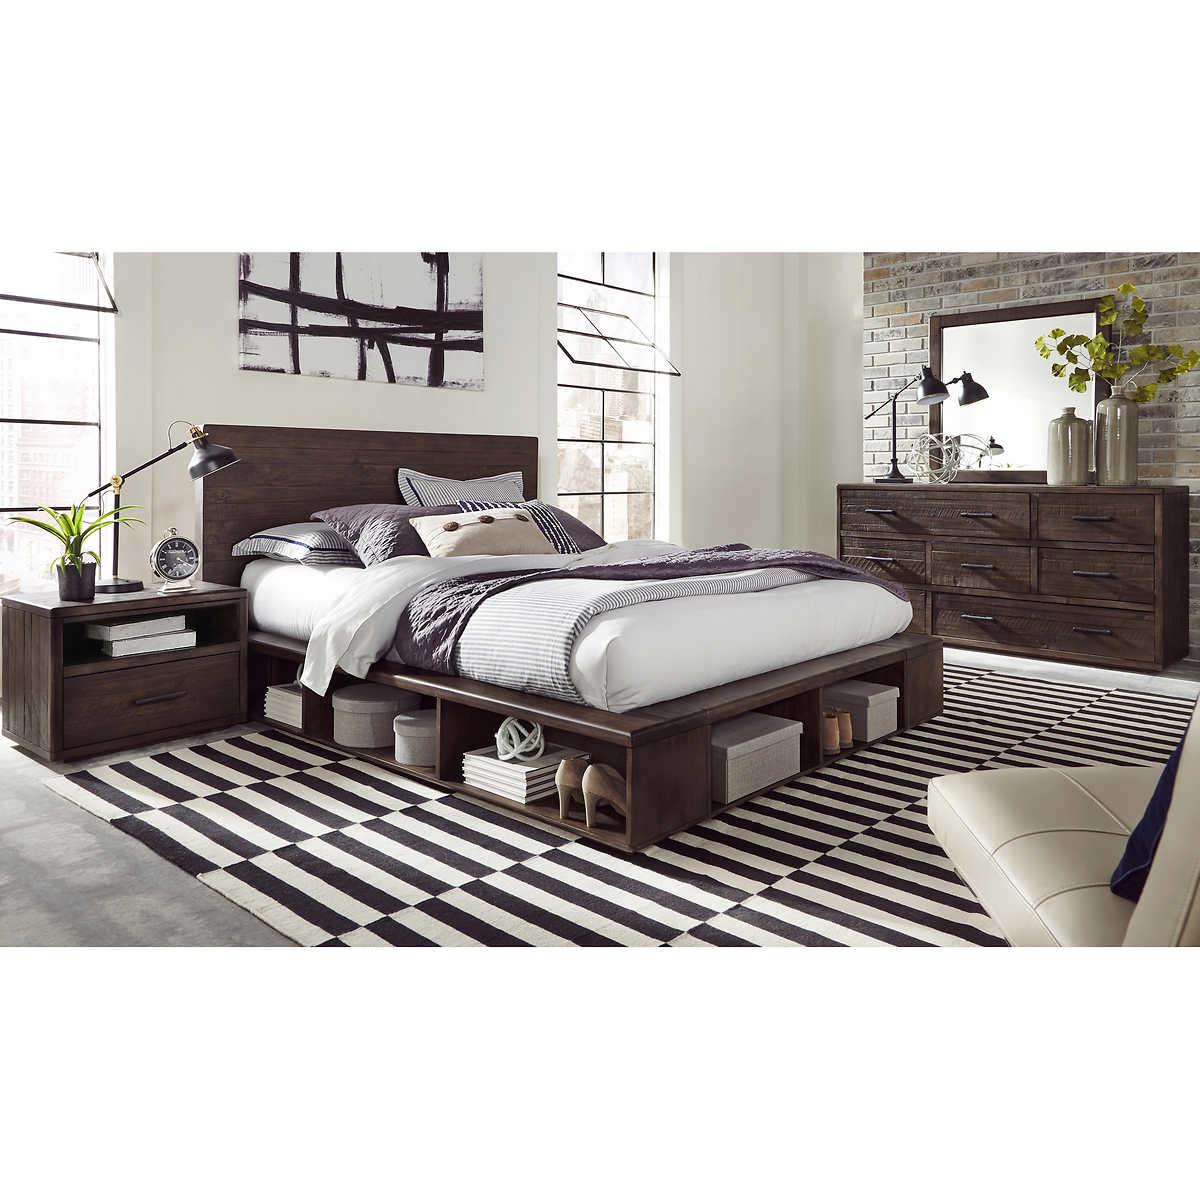 Britt 5-piece Queen Bedroom Set